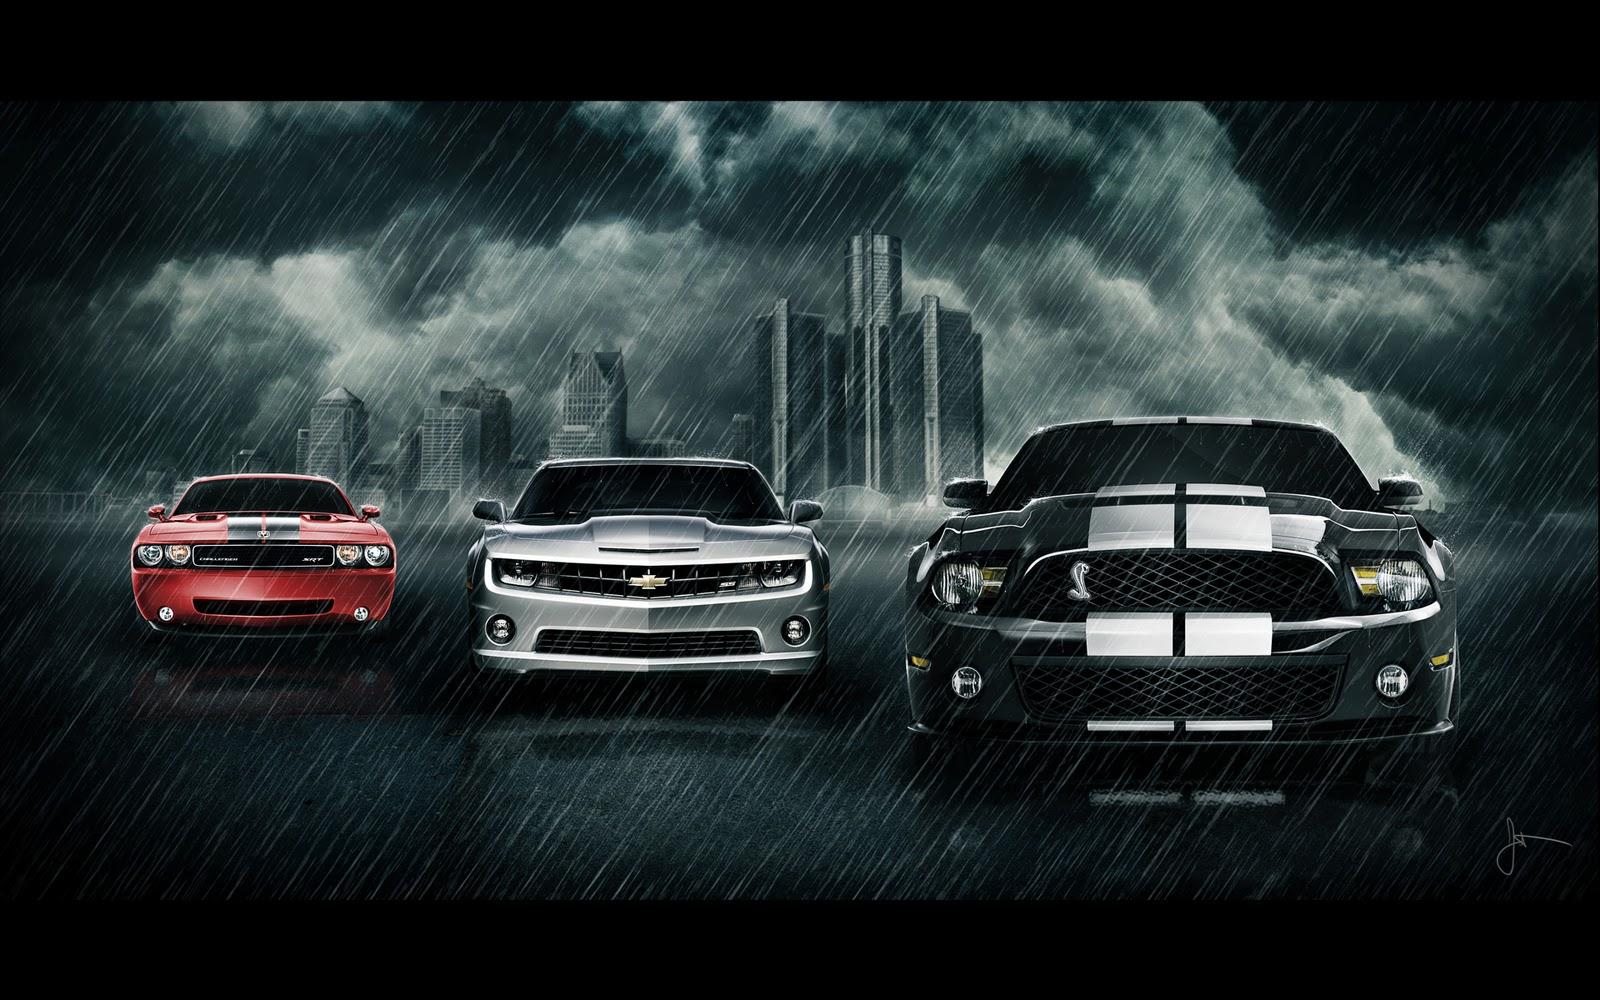 Cars Wallpapers For Desktop Wallpapersafari